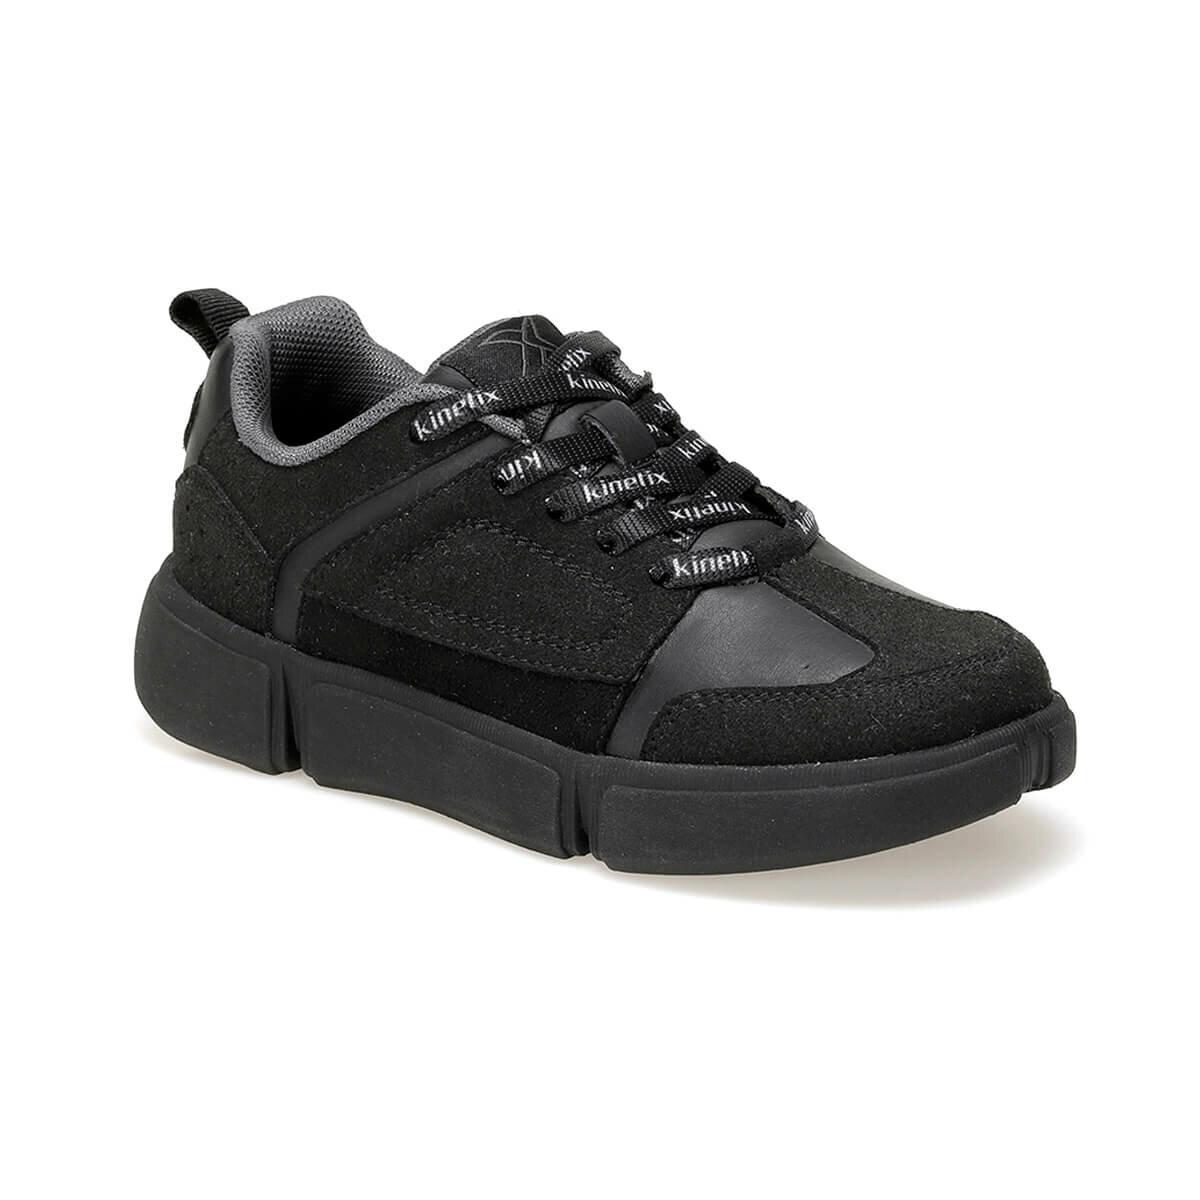 FLO MAJON 9PR Black Male Child Sneaker Shoes KINETIX